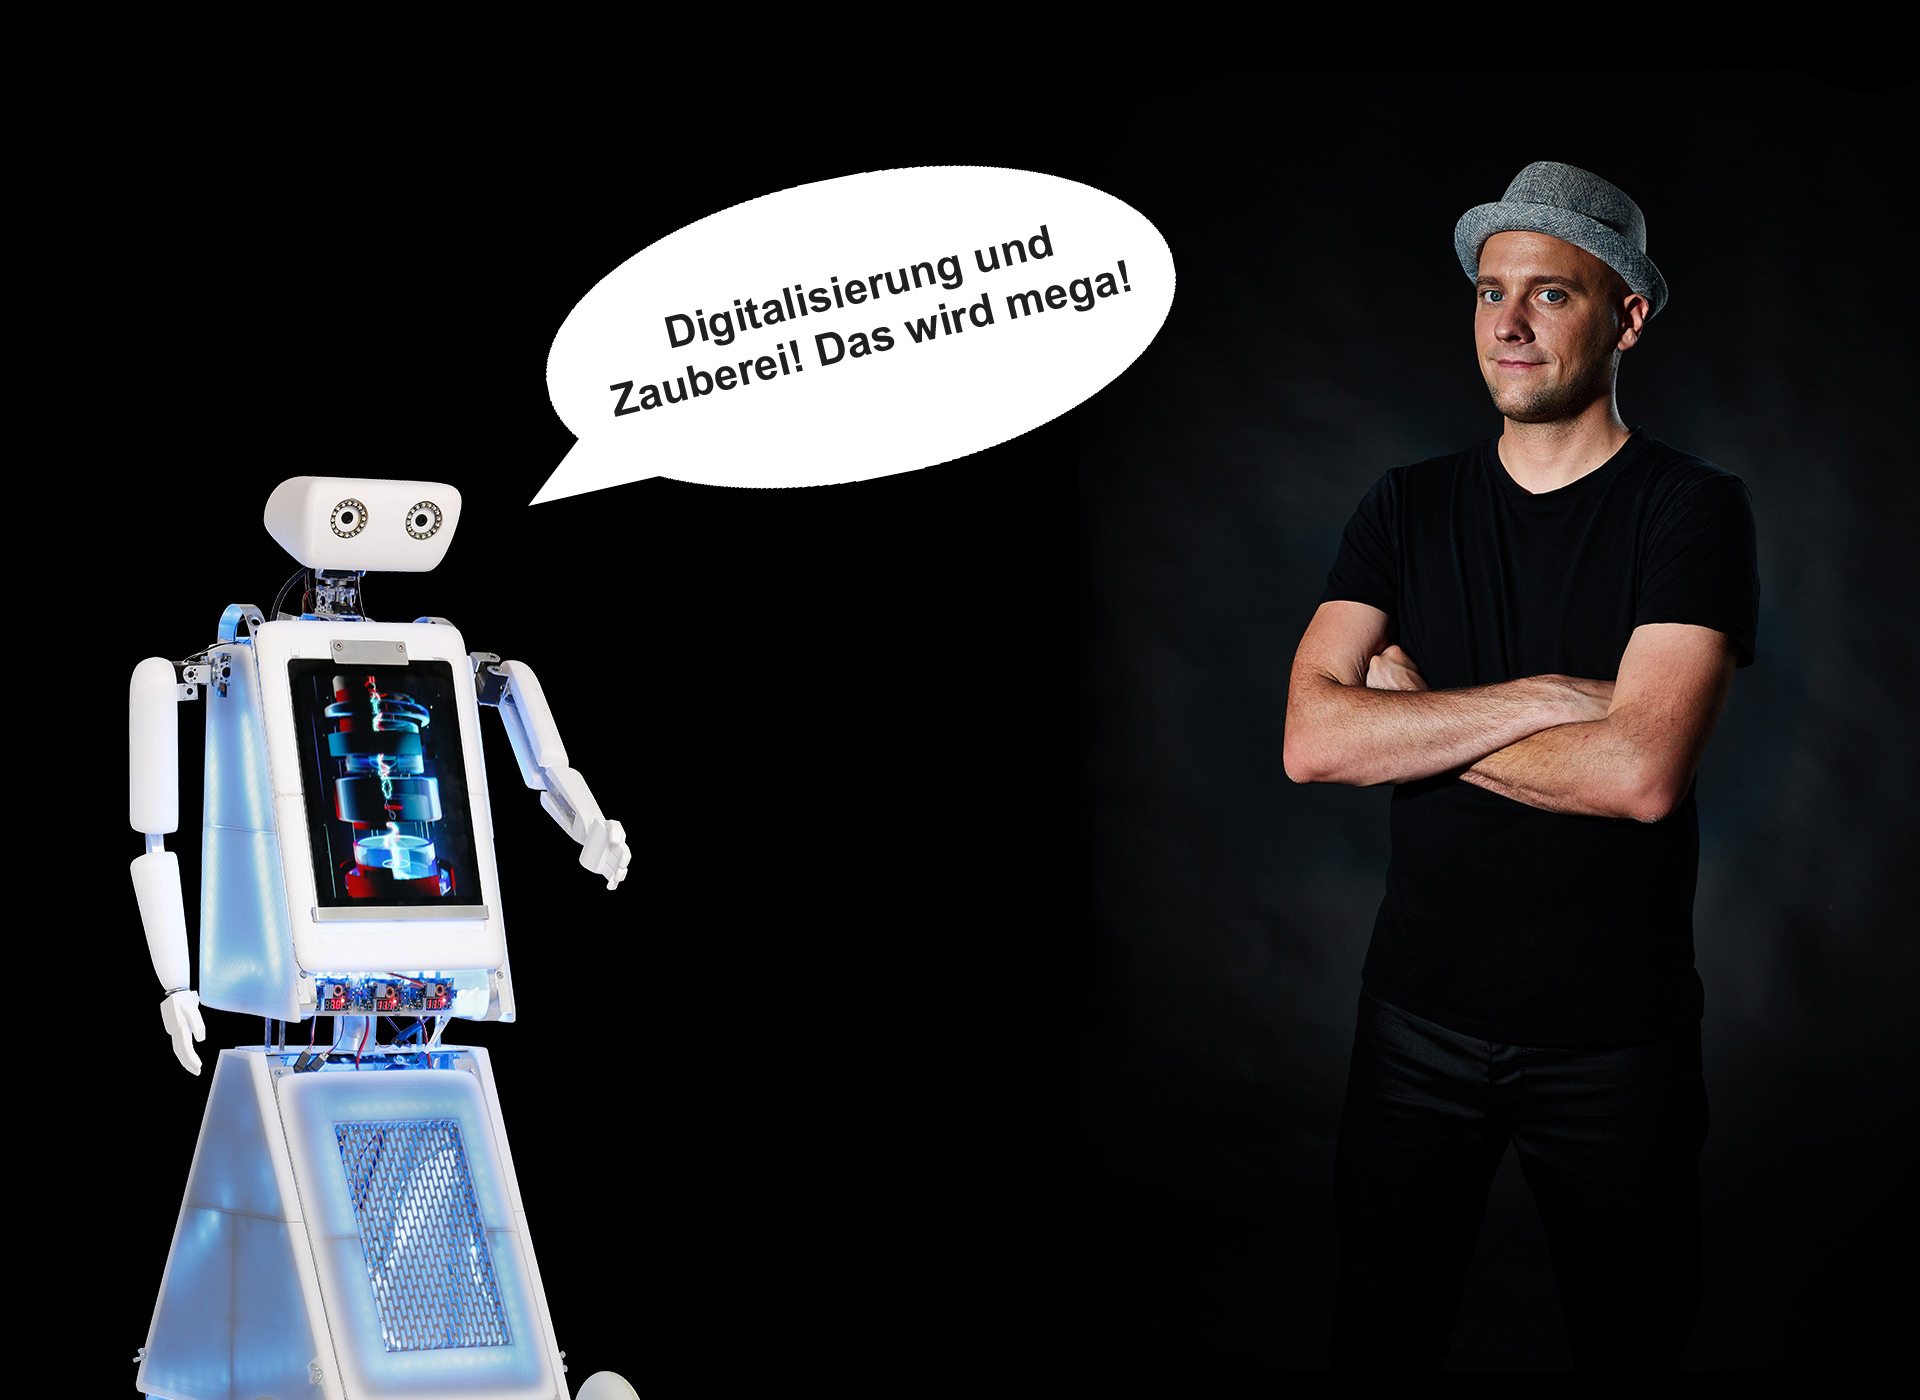 Digitalisierung und Zauberei präsentiert von einem Roboter und einem Magier